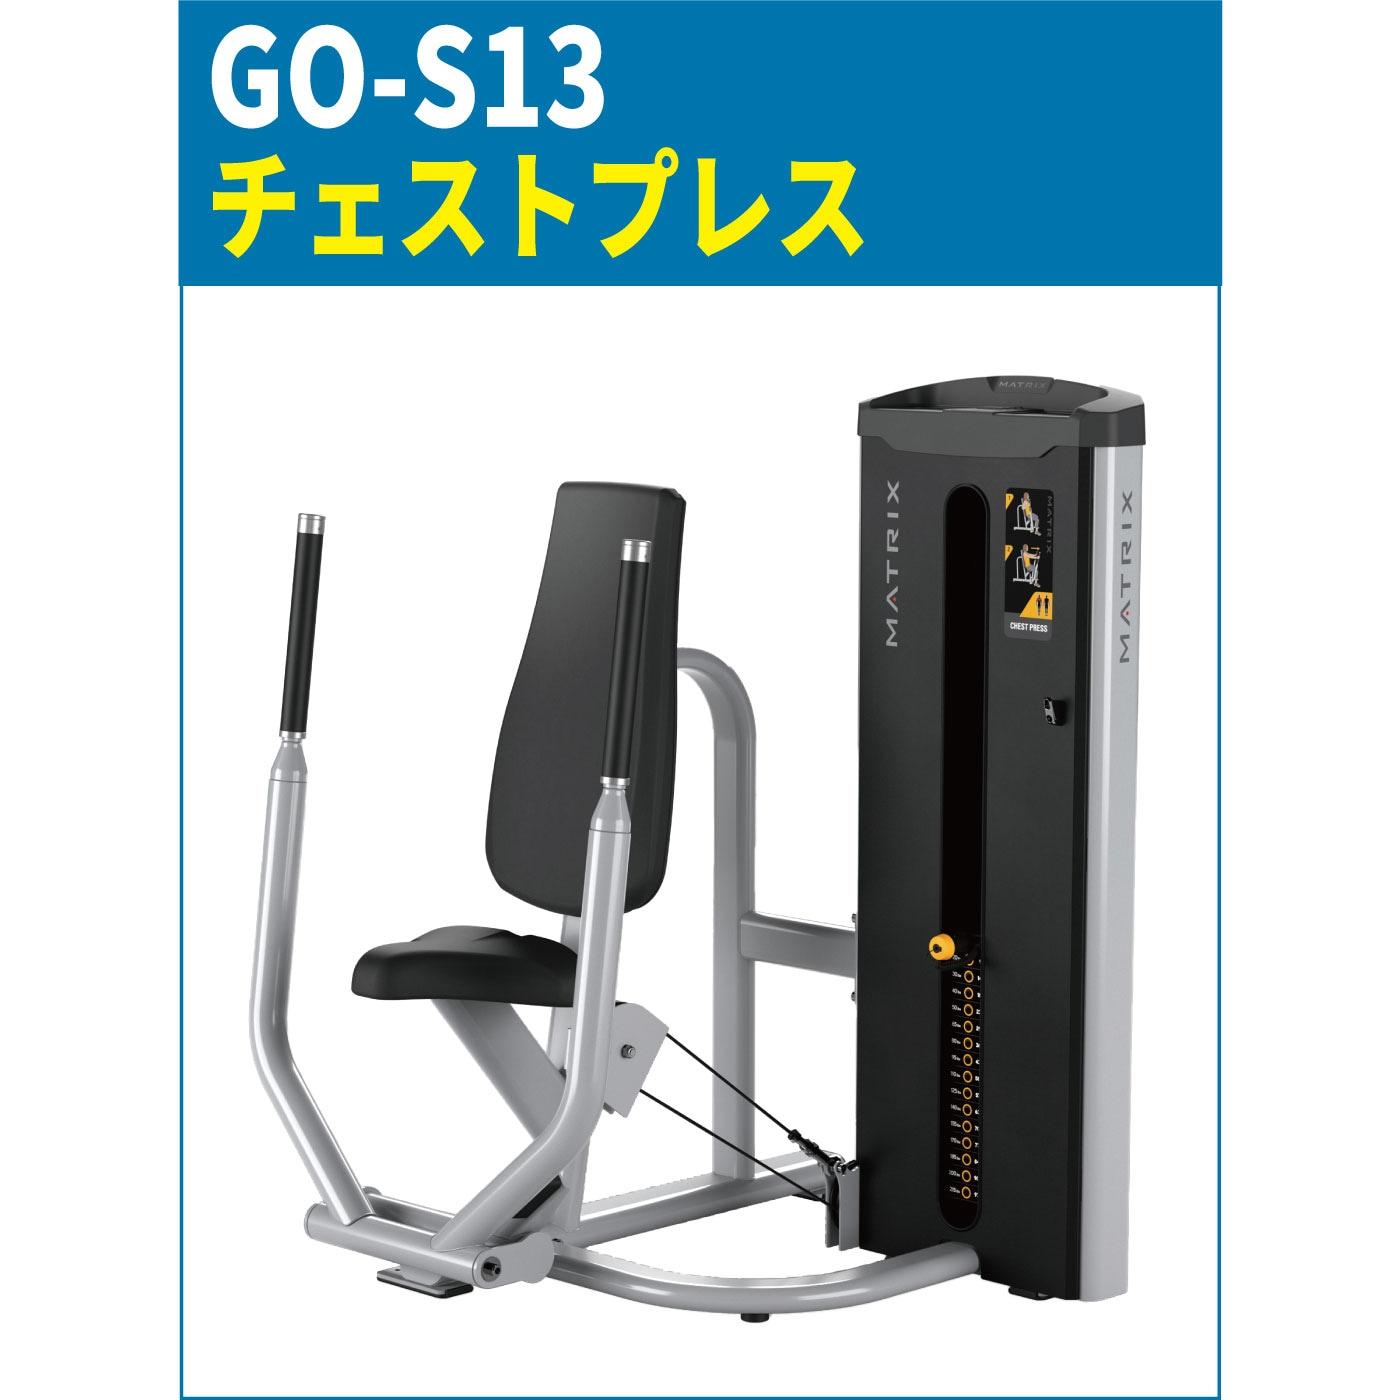 GO-S13のチェストプレス